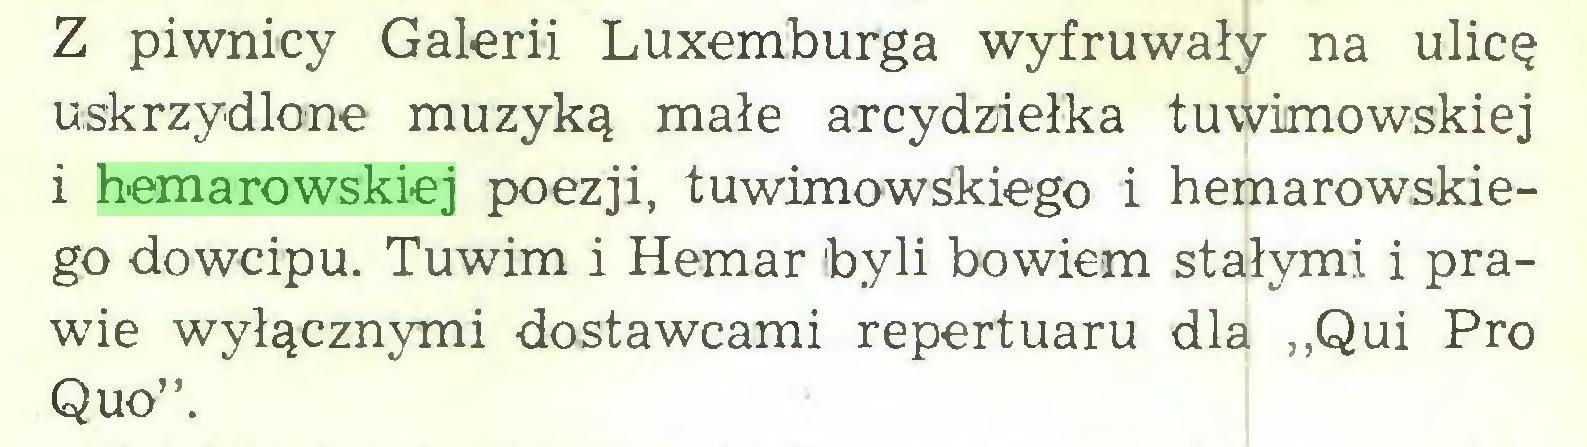 """(...) Z piwnicy Galerii Luxemburga wyfruwały na ulicę uskrzydlone muzyką małe arcydziełka tuwimowskiej i hemarowskiej poezji, tuwimowskiego i hemarowskiego dowcipu. Tuwim i Hemar byli bowiem stałymi i prawdę wyłącznymi dostawcami repertuaru dla ,,Qui Pro Quo""""..."""